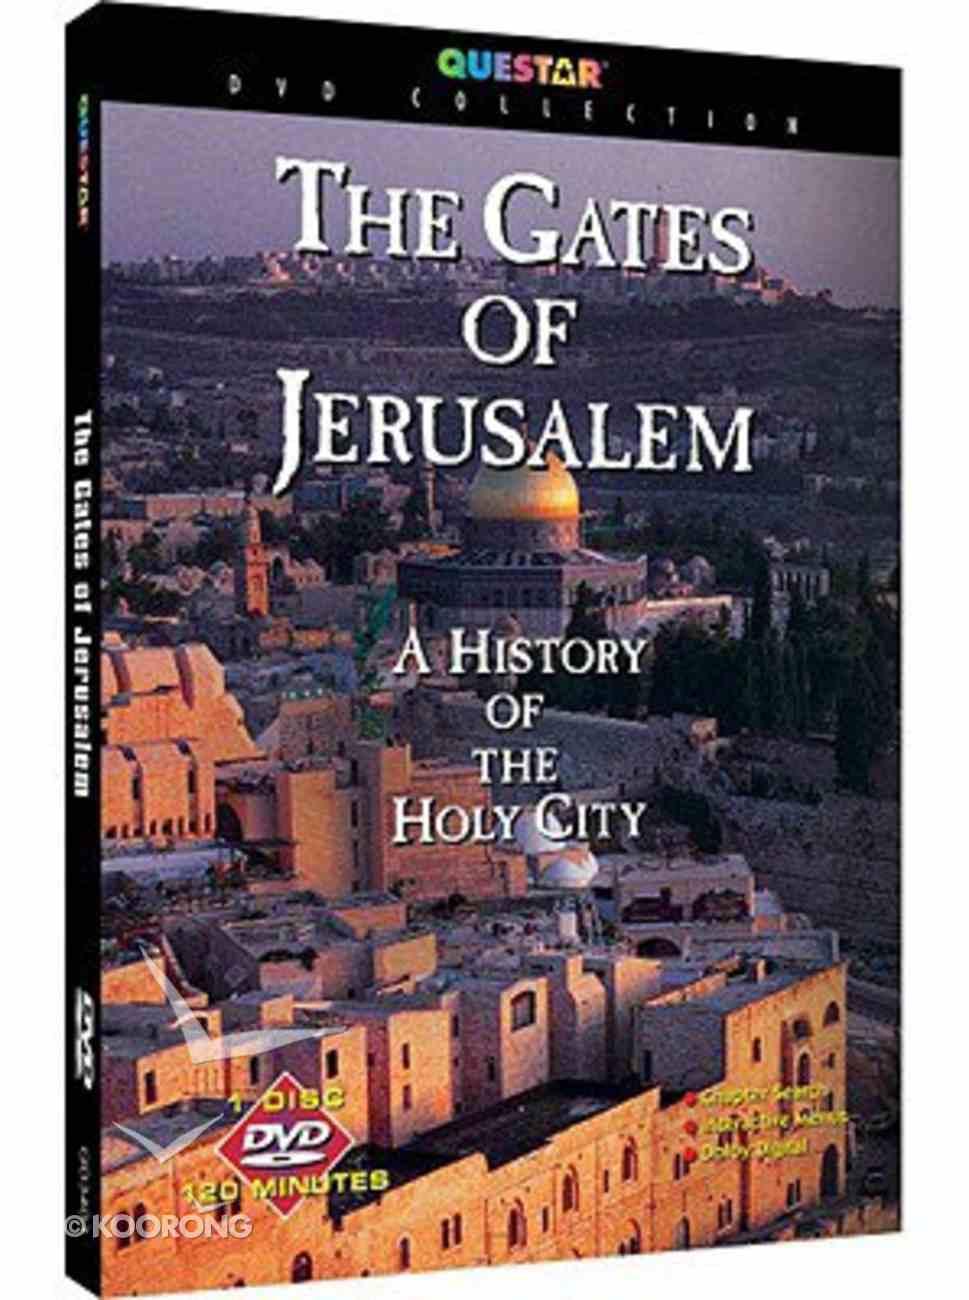 The Gates of Jerusalem DVD